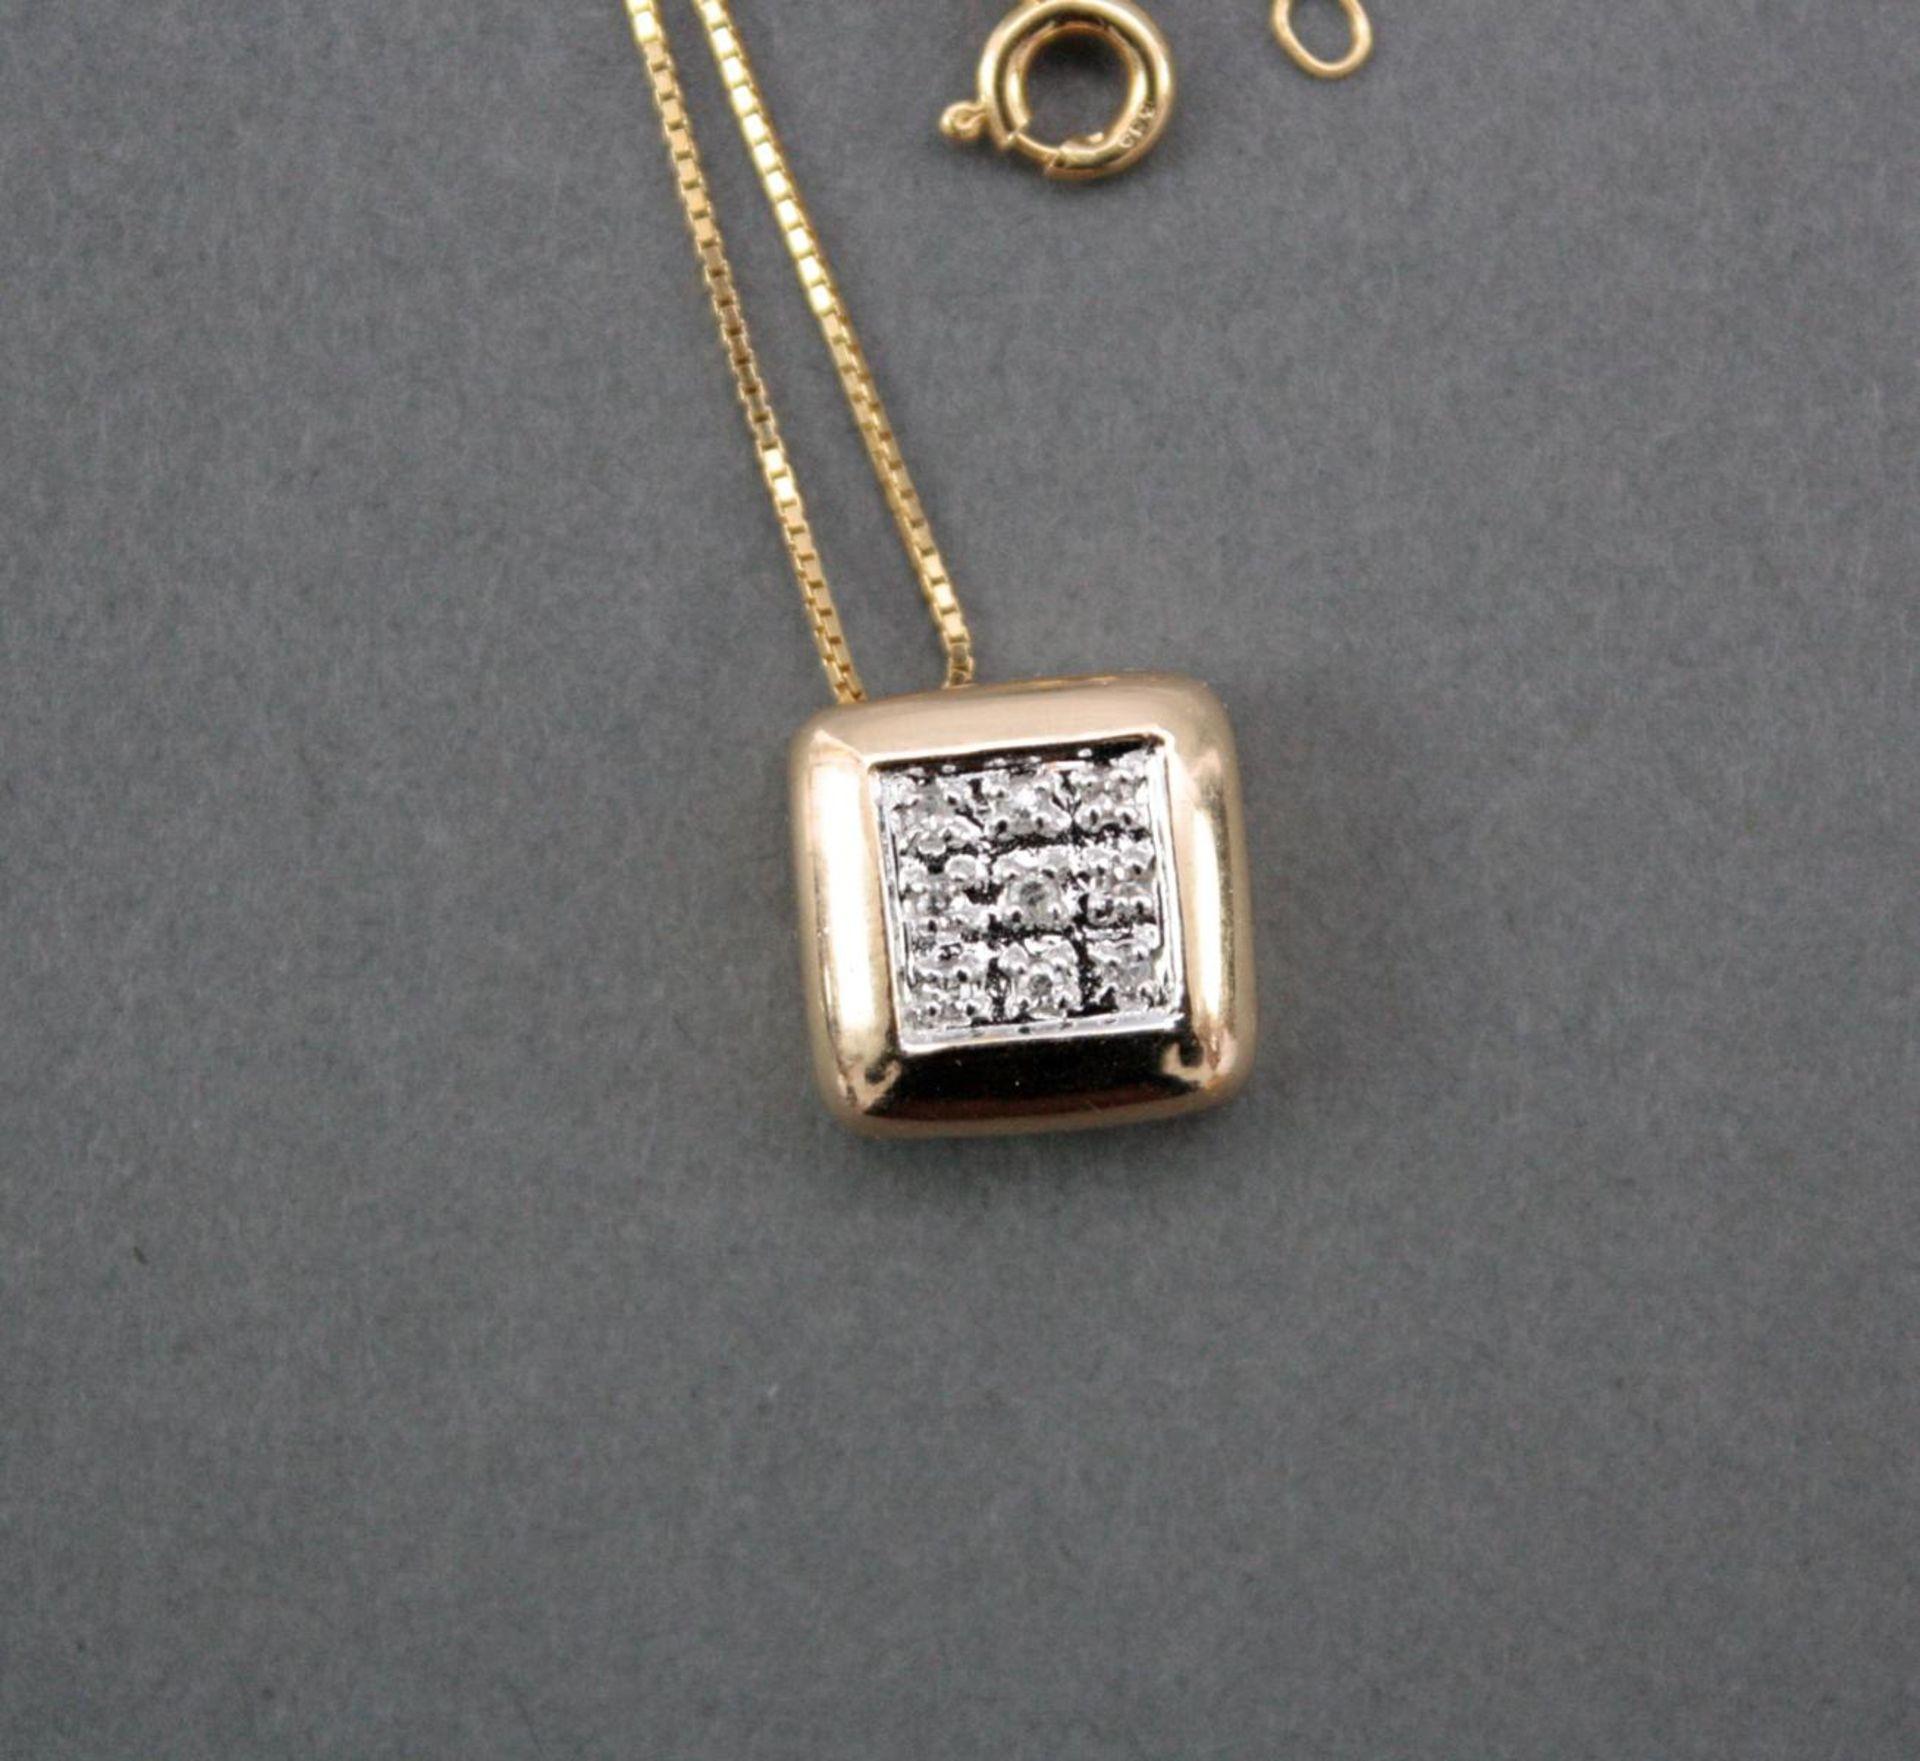 Halskette mit Diamantanhänger, 14 Karat Gelbgold - Bild 2 aus 3